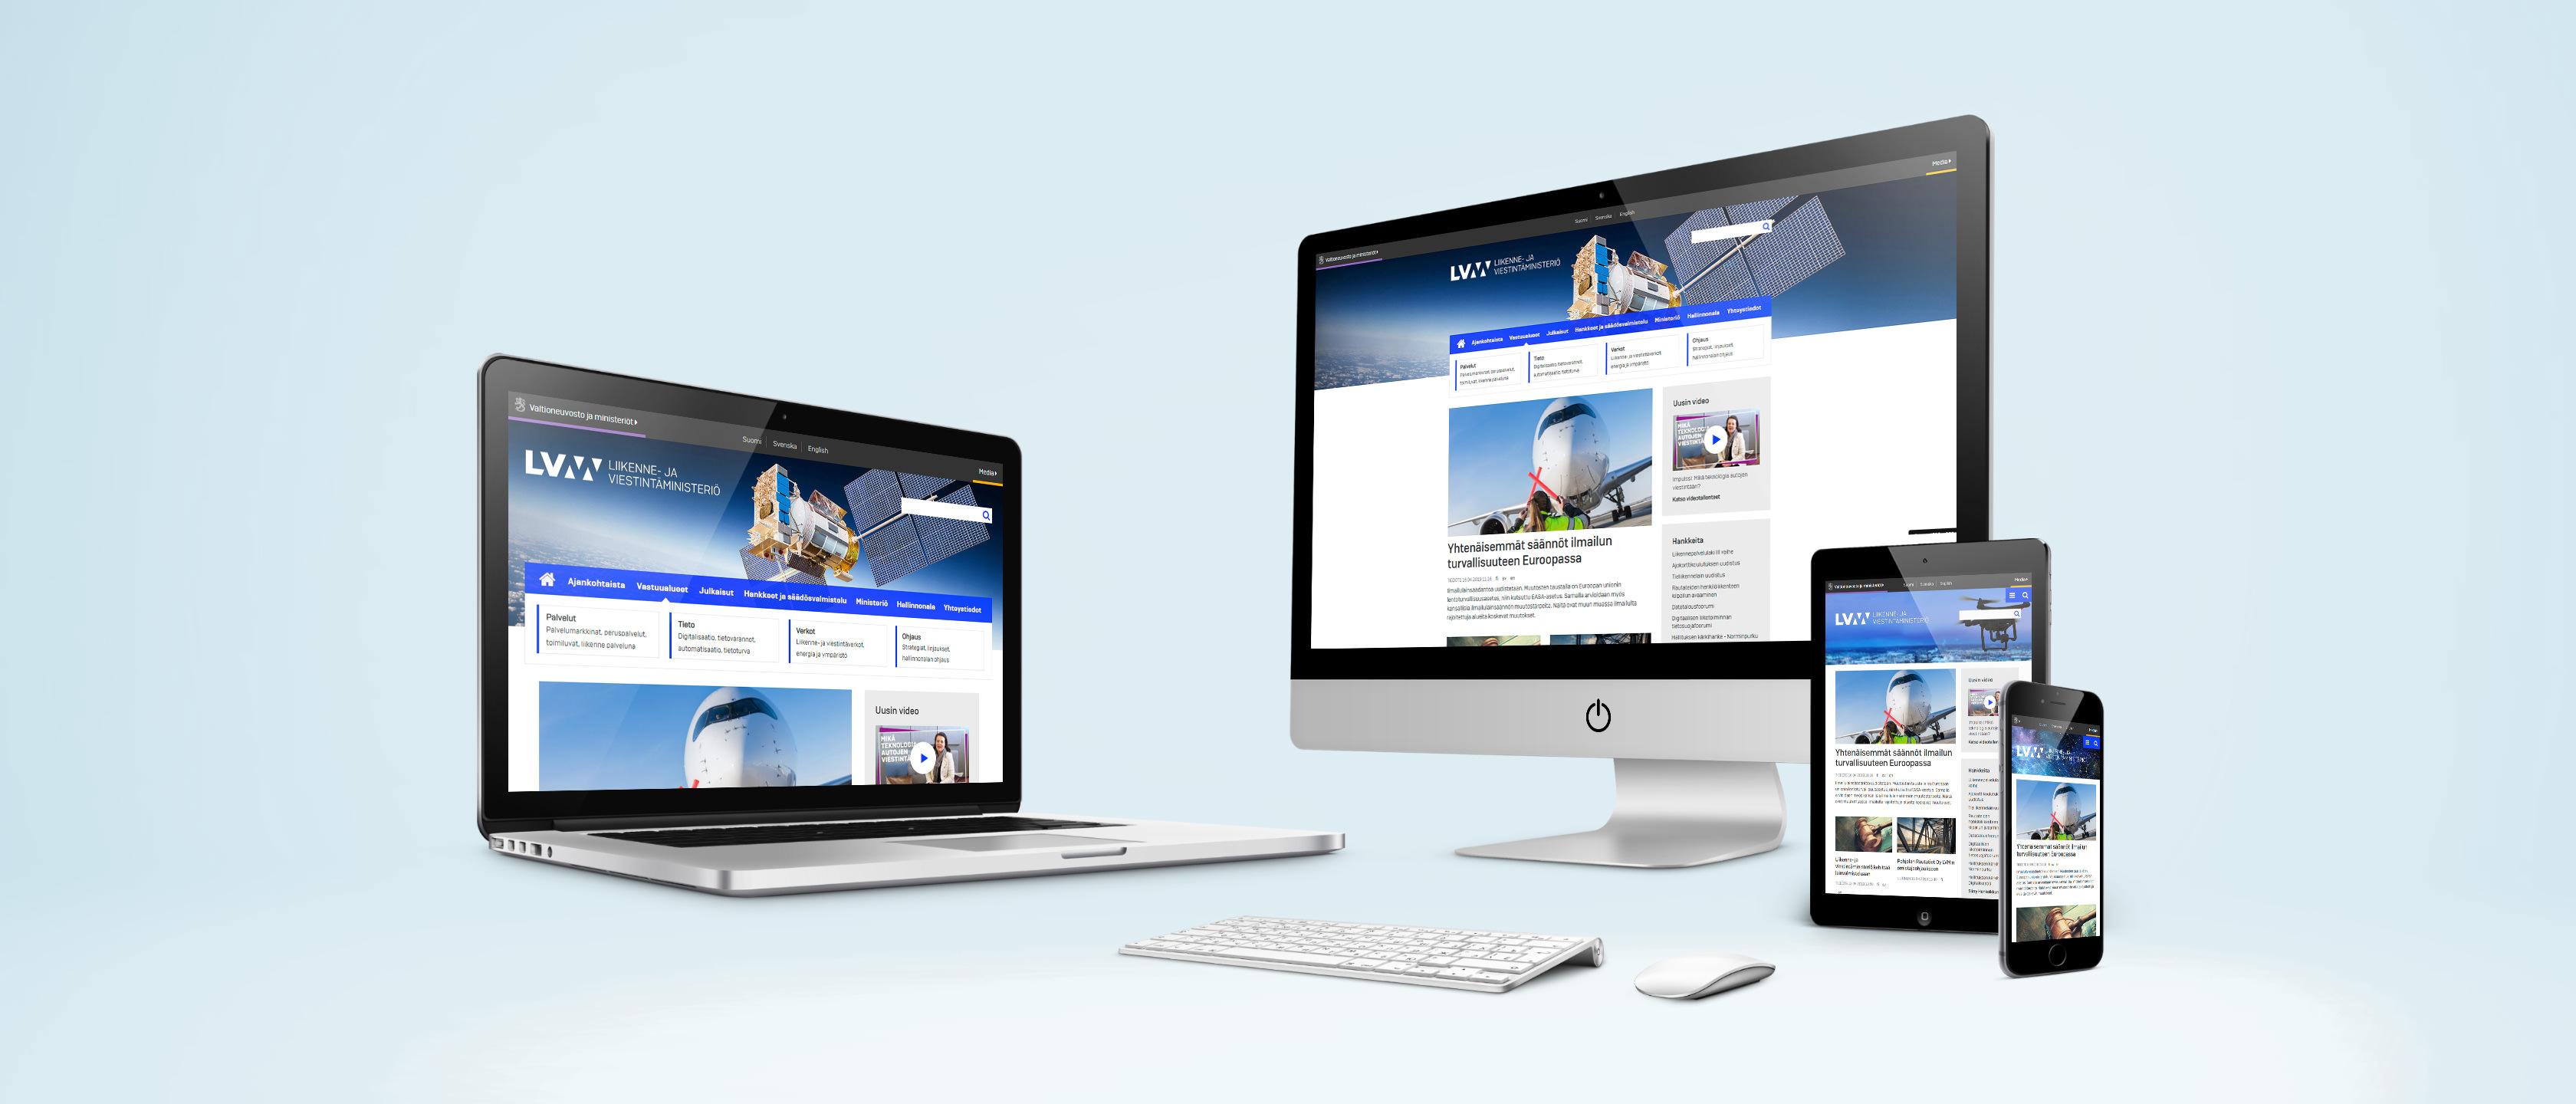 LVM.fi viestii integroidusti Liferay Portal CE:llä, esteettömästi